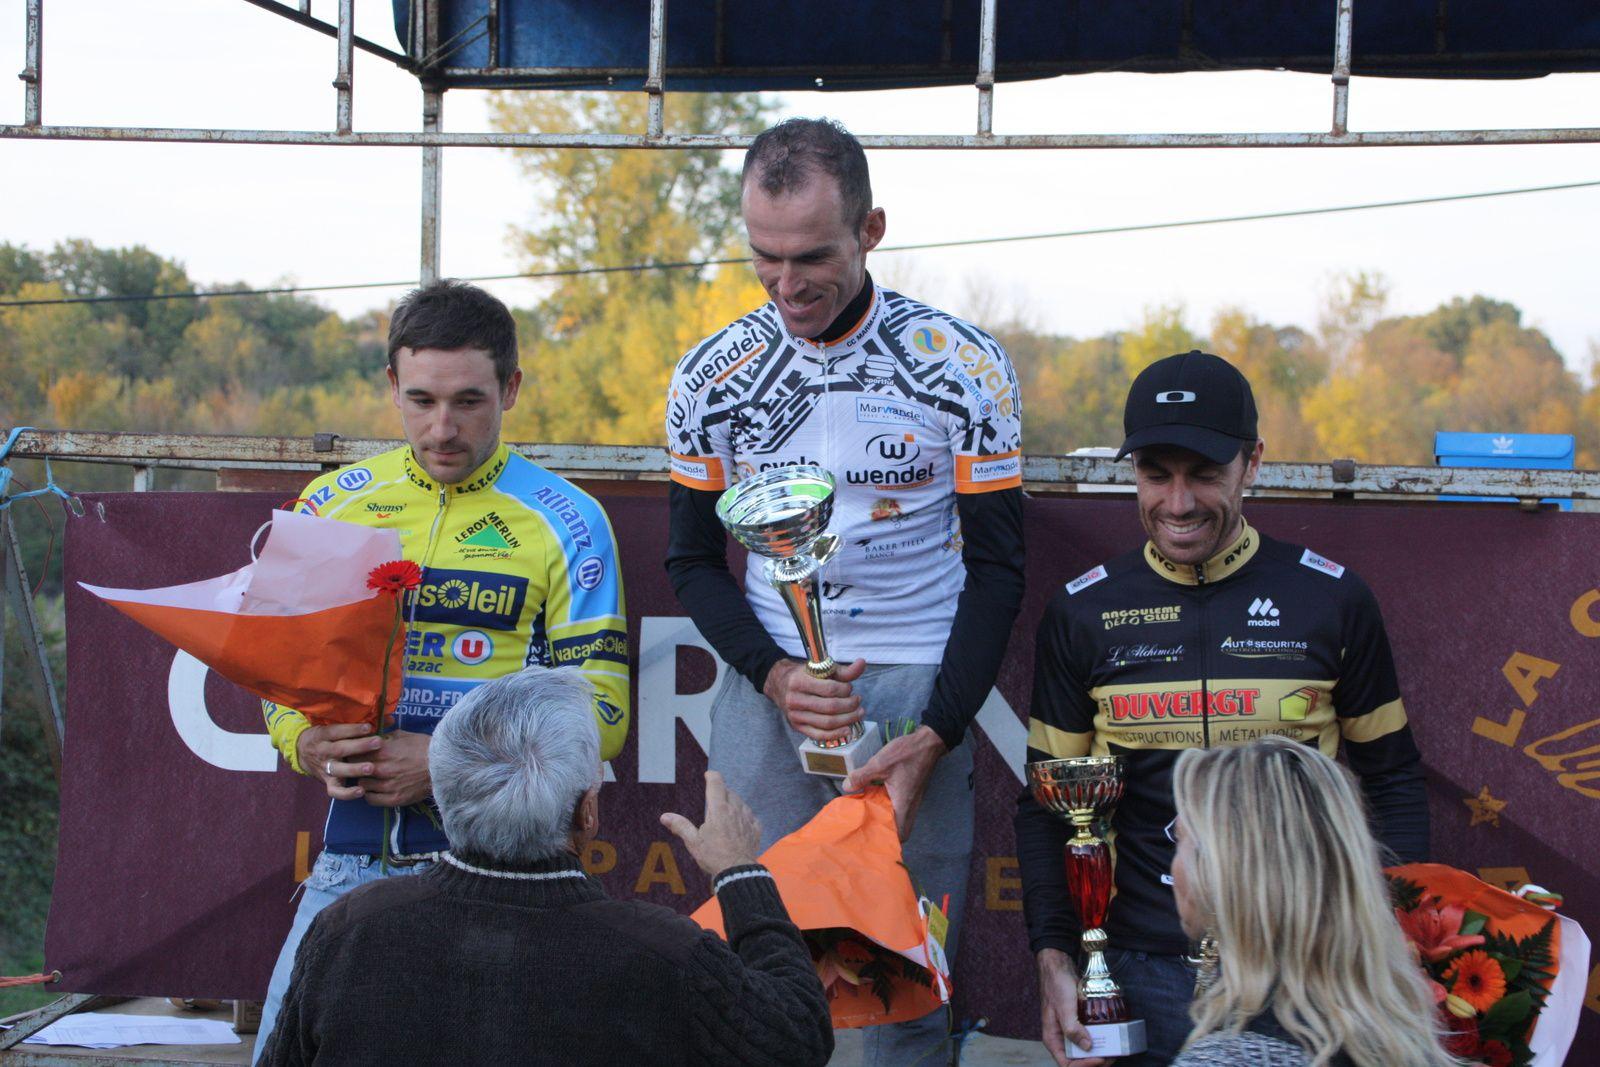 Le  podium  avec  le  vainqueur  qui  vient  de  retrouver  un  maillot  du  CC  Marmande!!